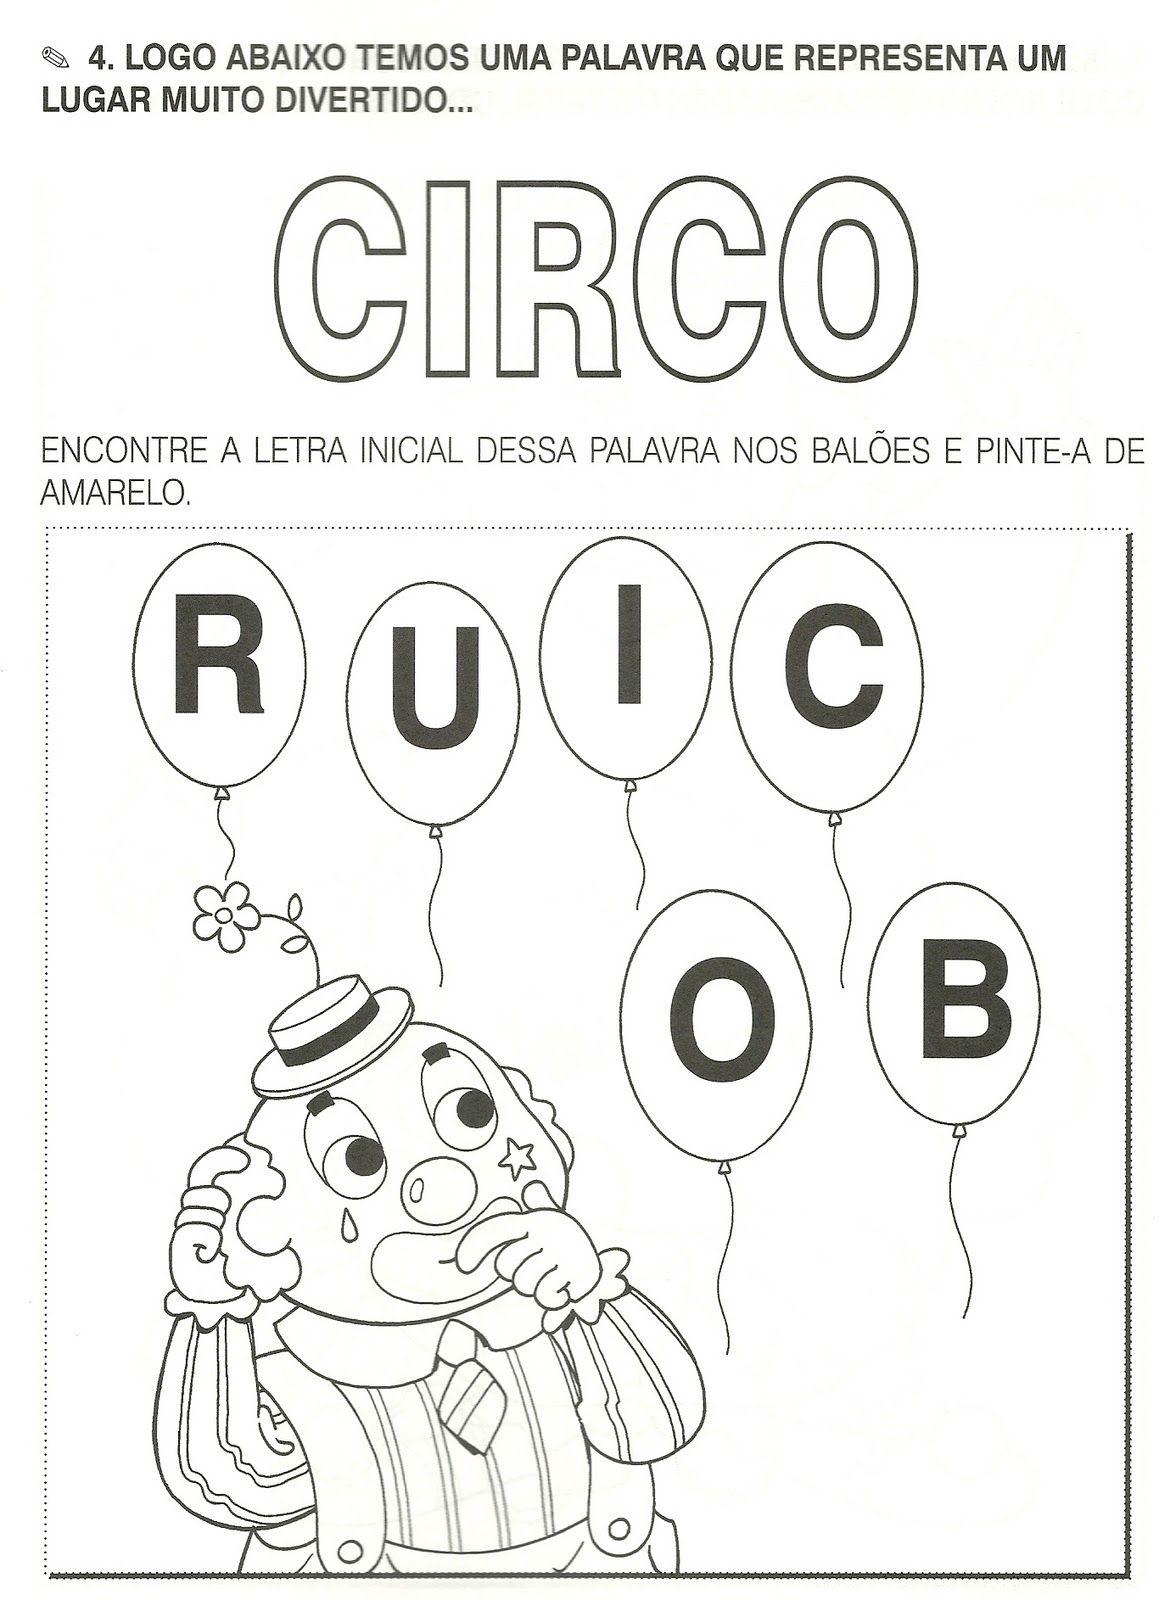 Atividades Dia Do Circo Dia Do Circo Circo E Carnaval